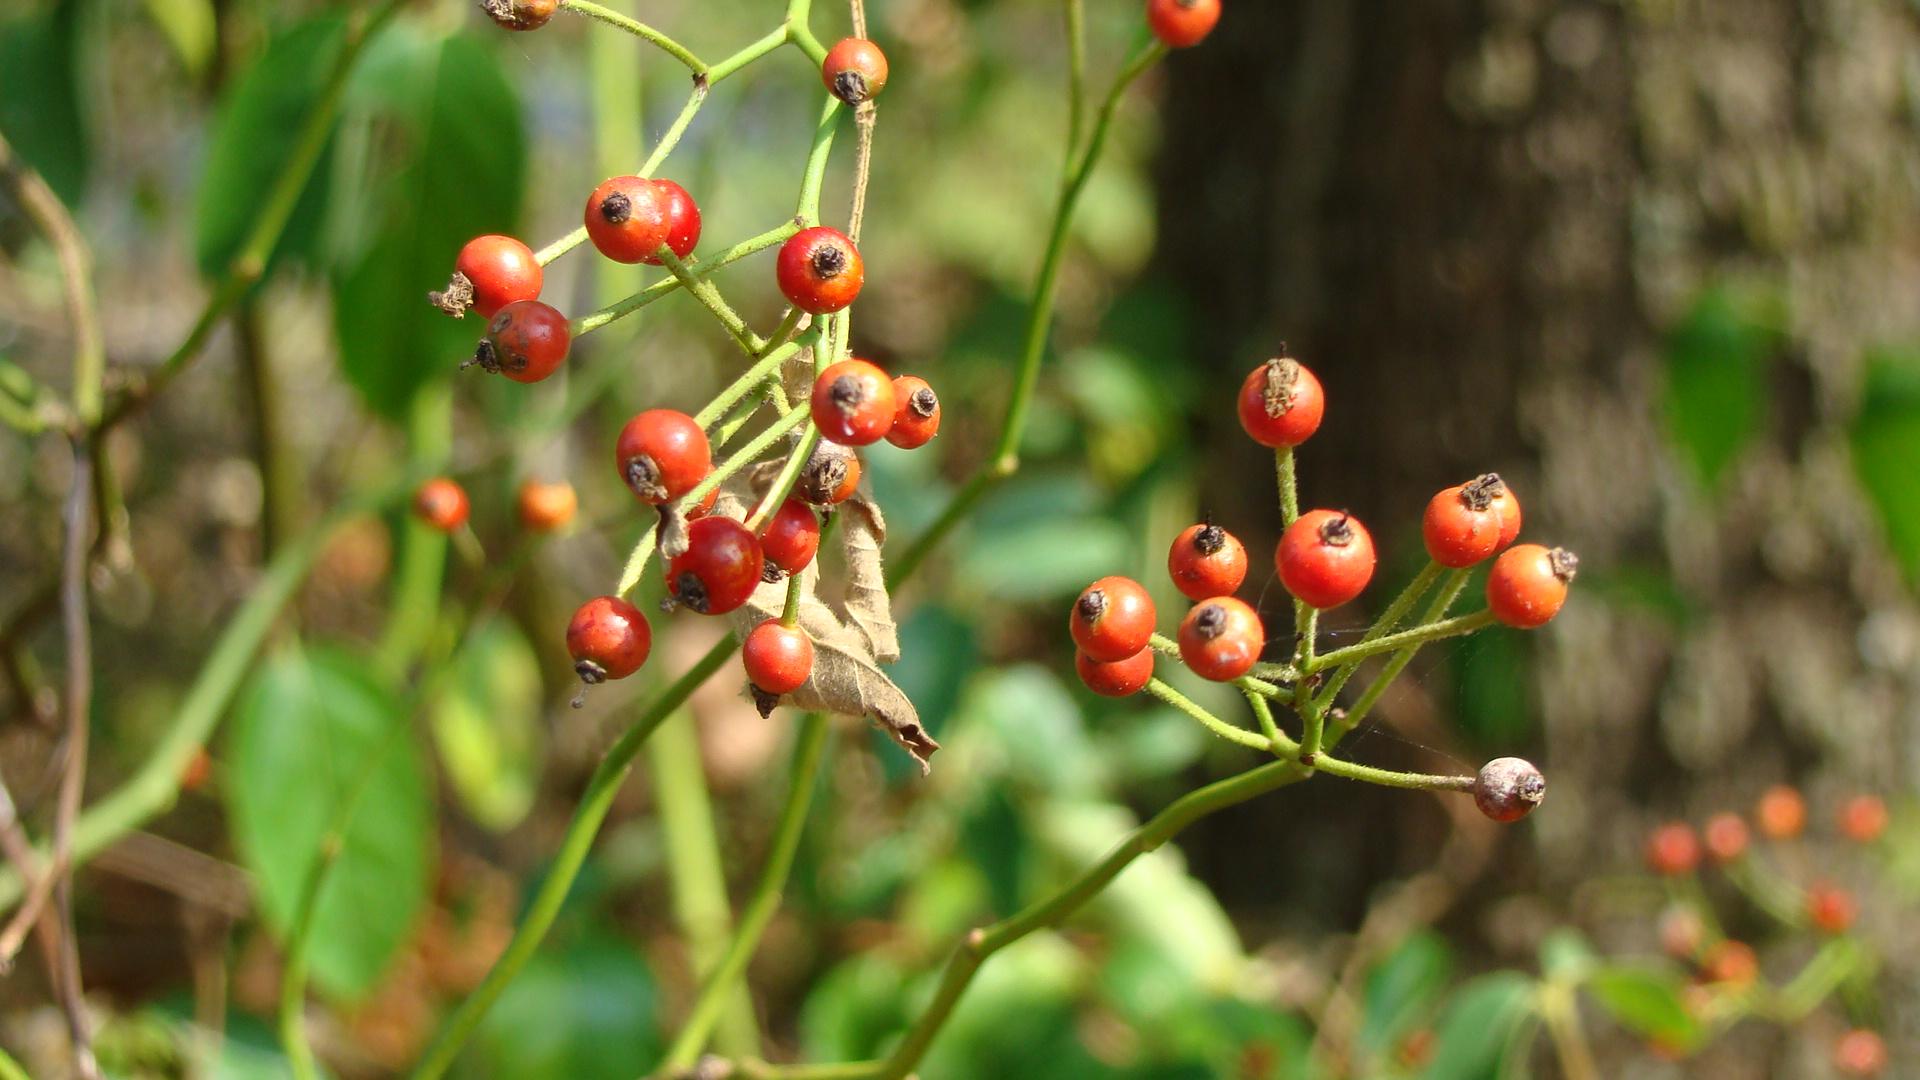 csipkebogyó, a vadrózsa termése